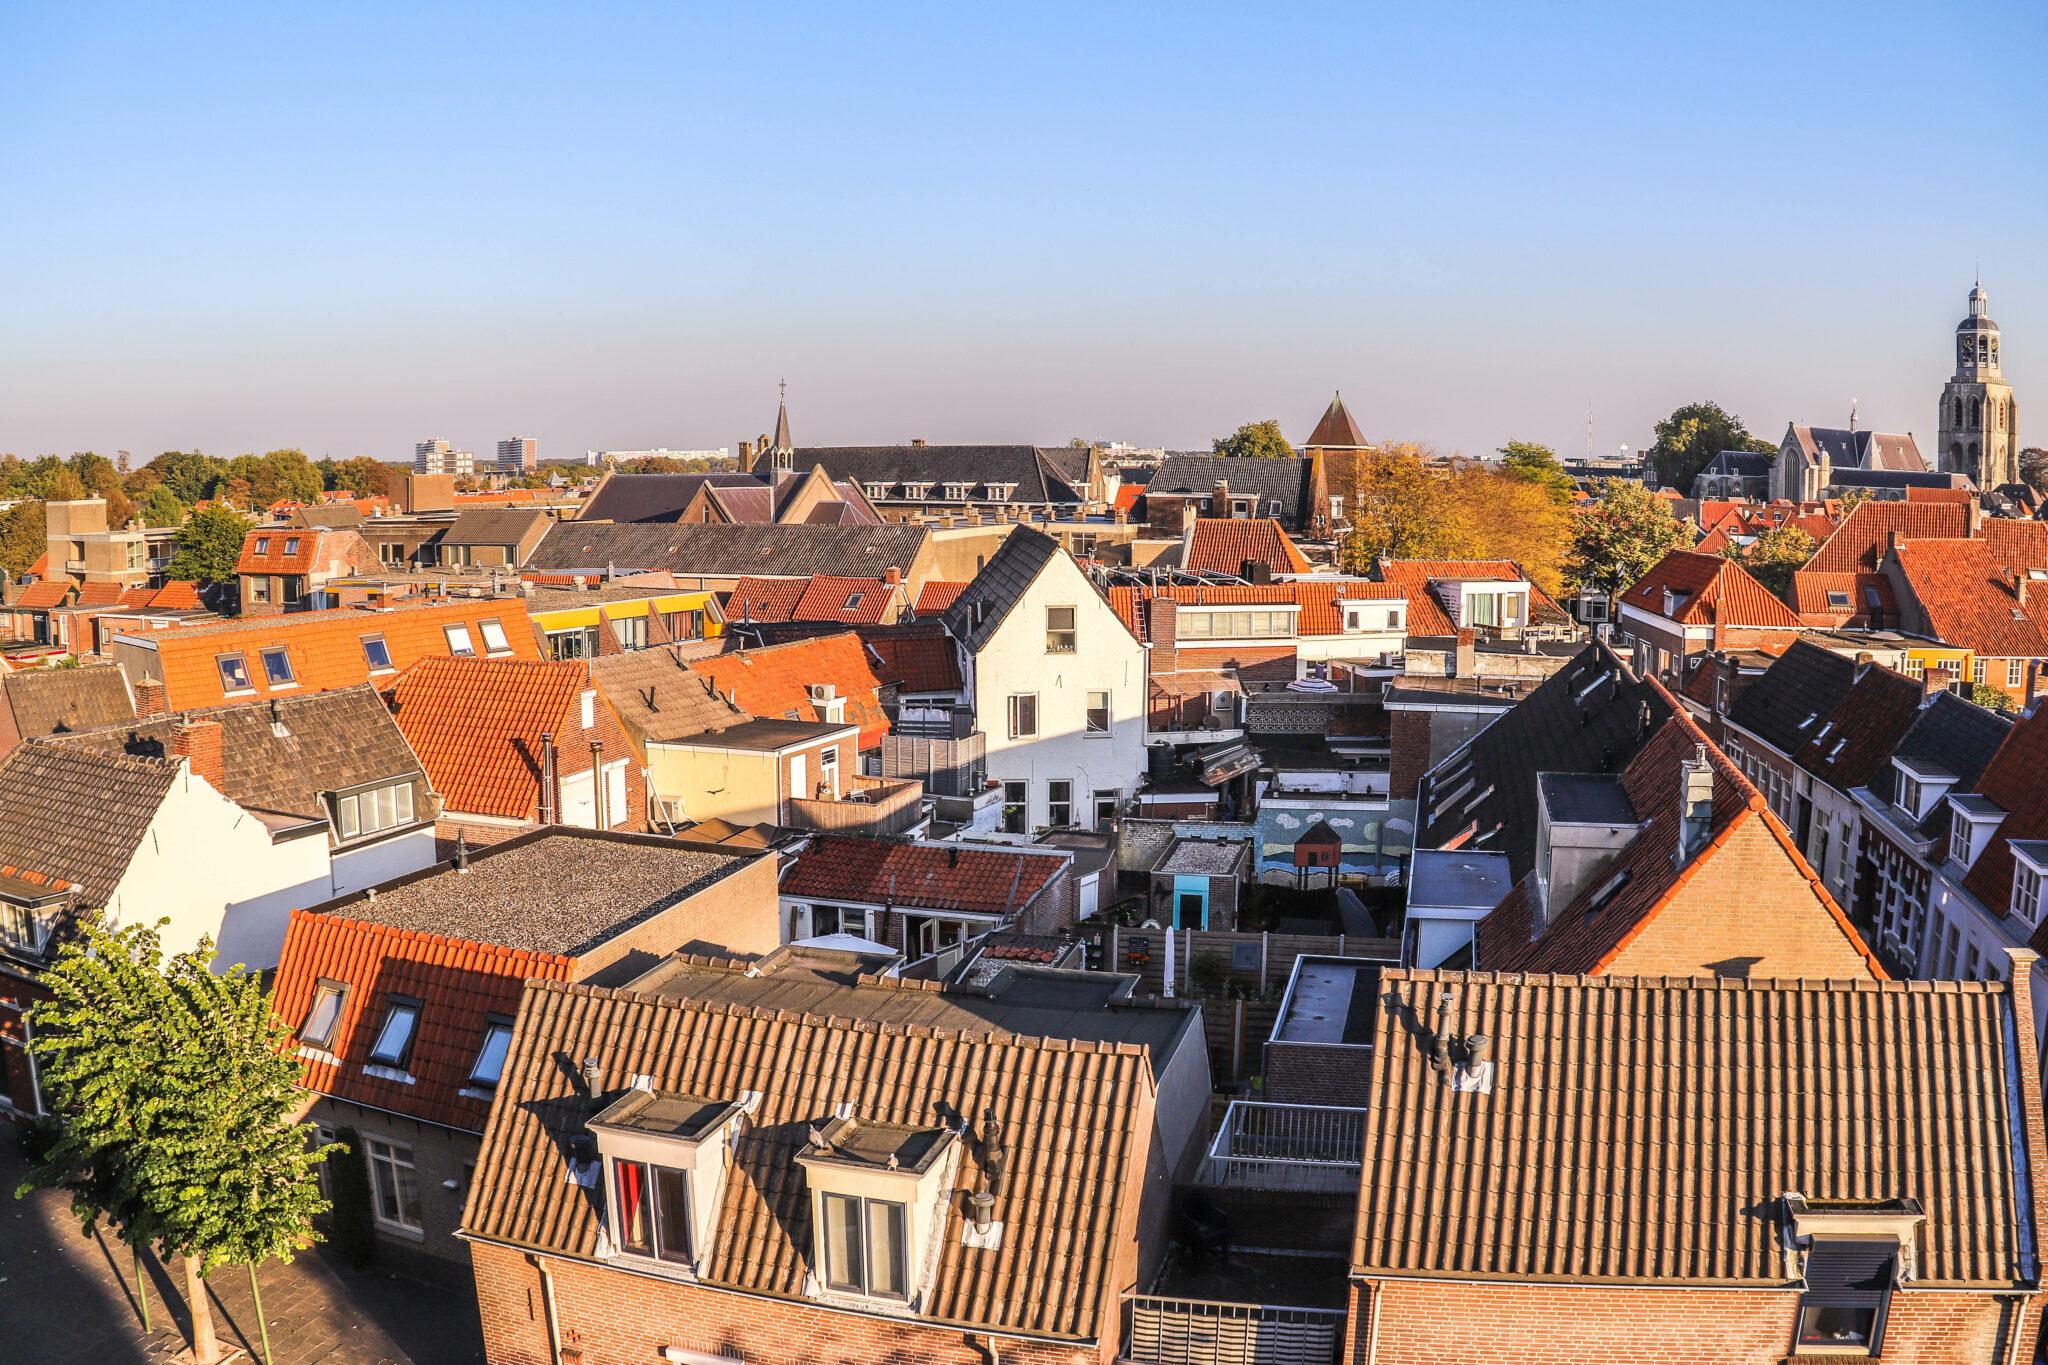 bergen op zoom overzicht stad huizen peperbus